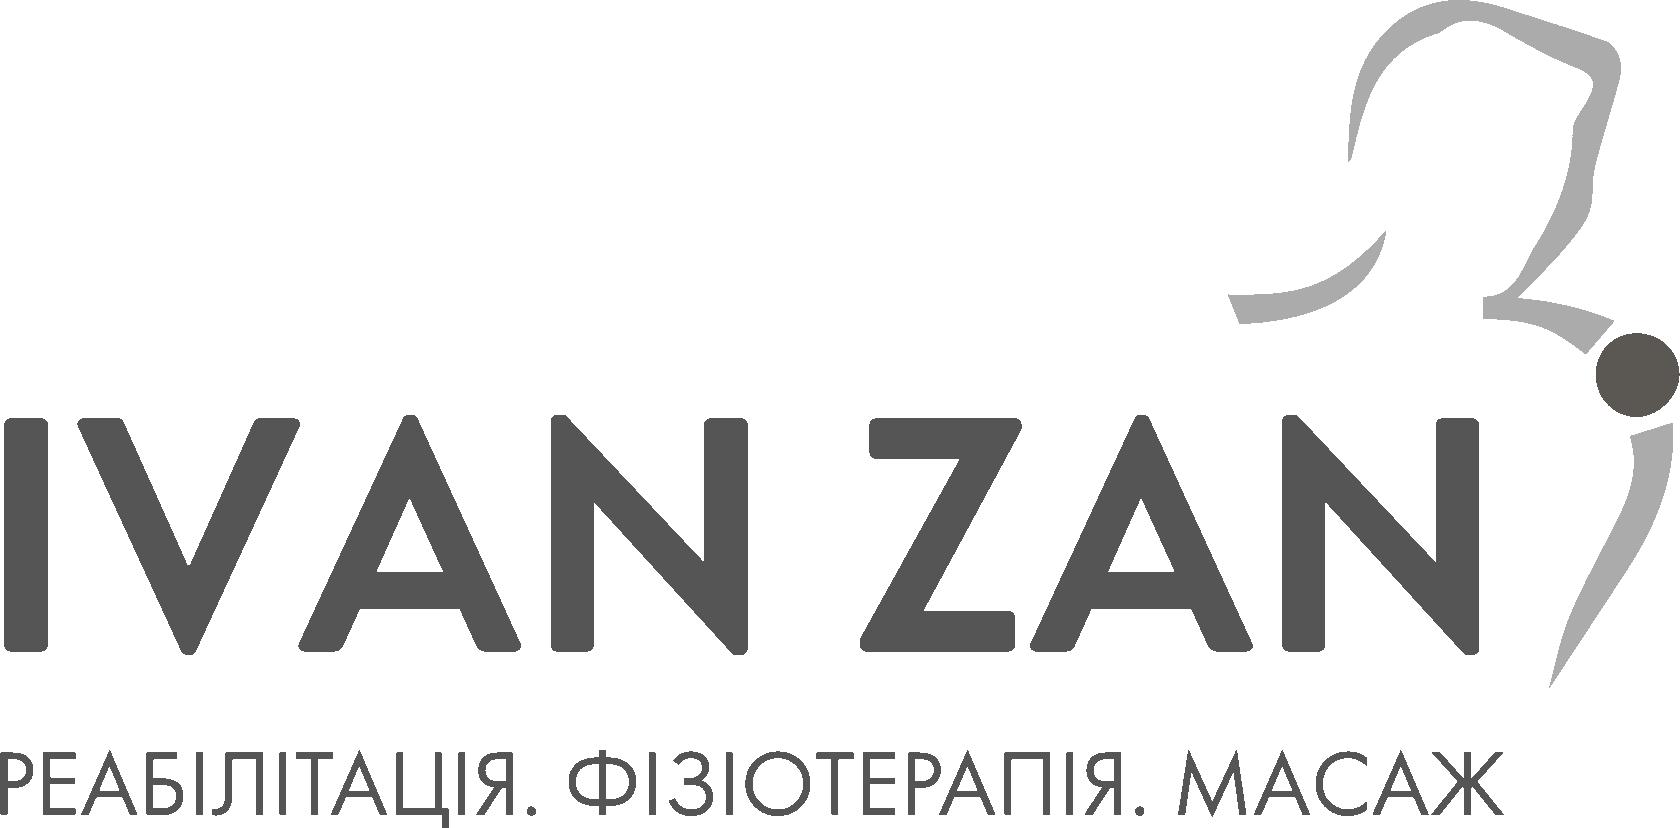 логотип массажиста в Киеве Ивана Зань